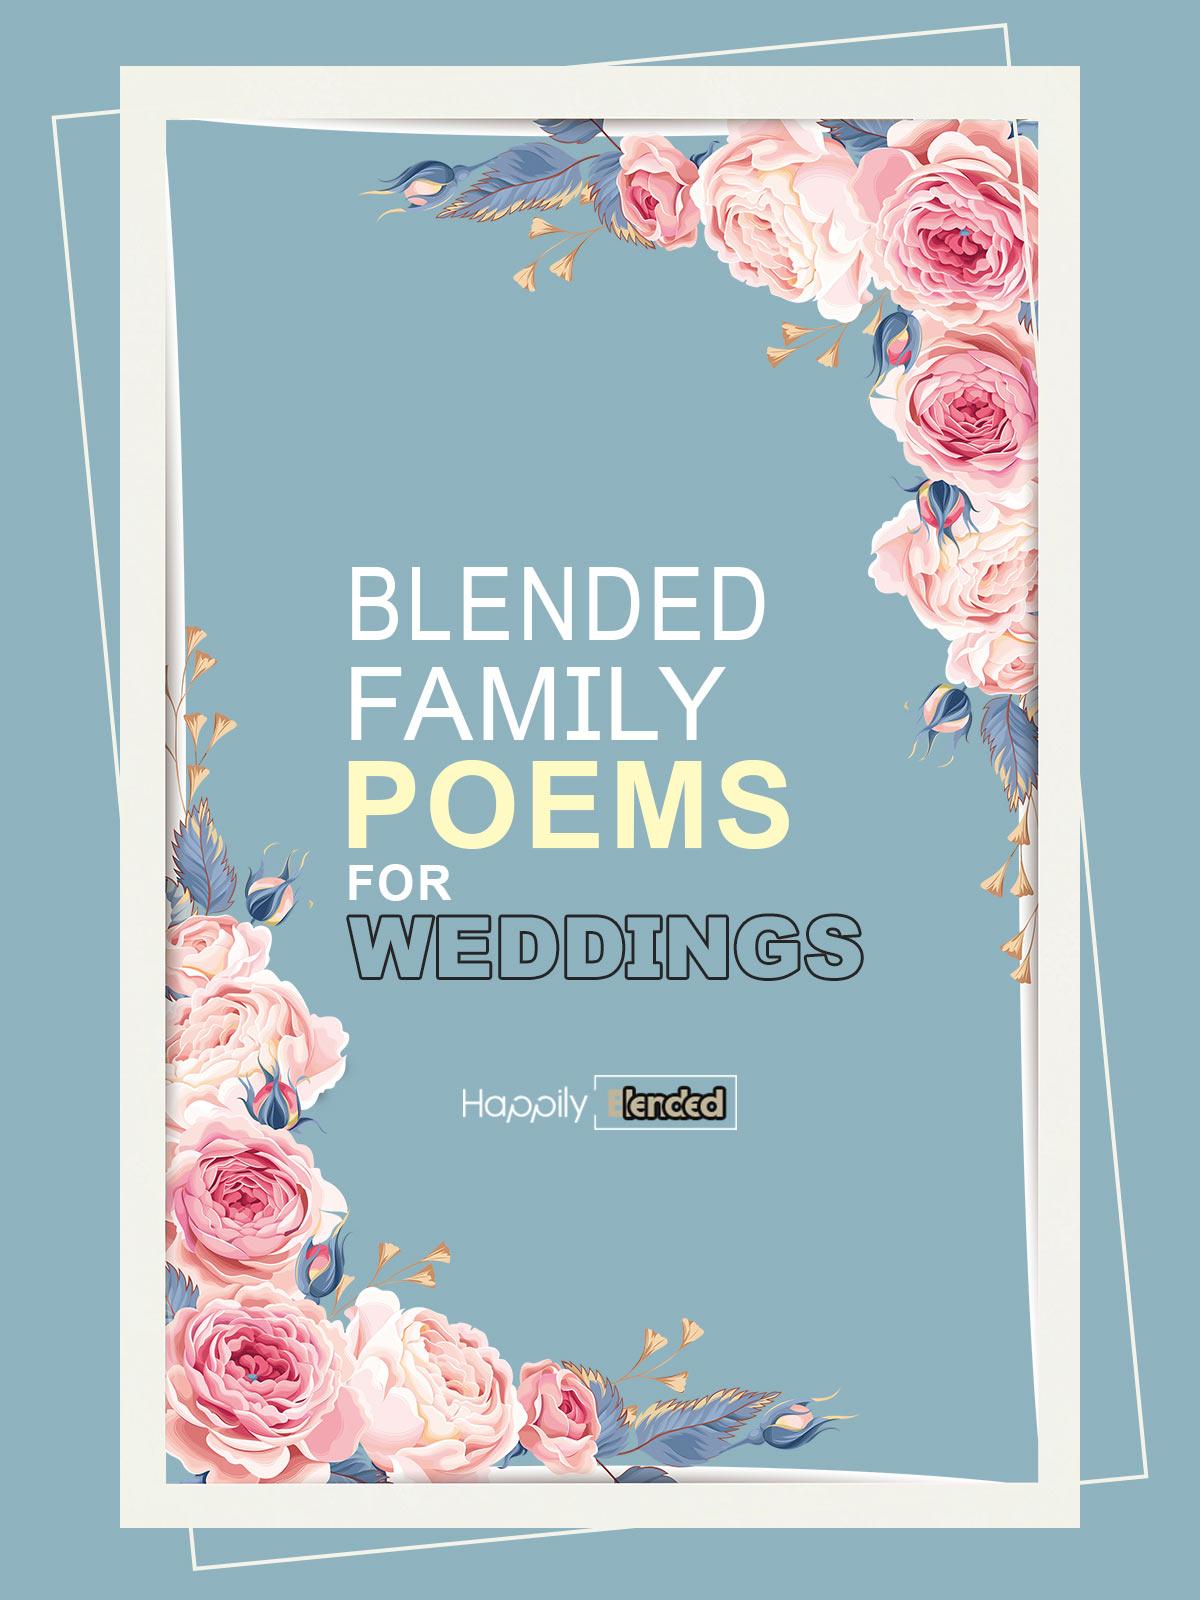 Blended Family Wedding Poems